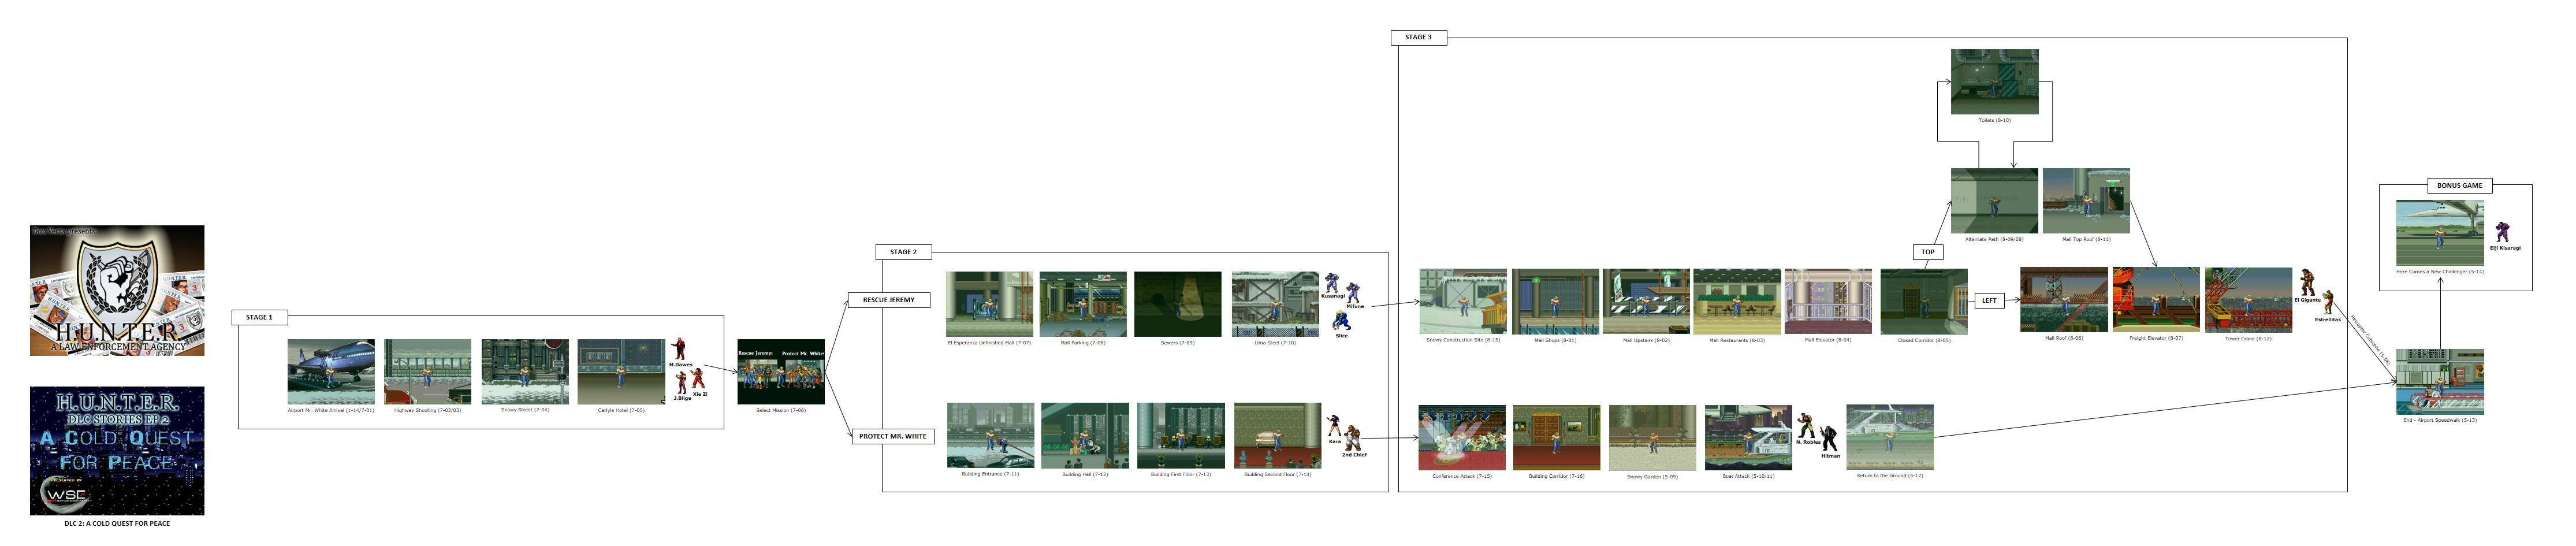 H.U.N.T.E.R. Mod of the Year edition v2.0 - Page 5 Hunter-map-dlc2-cold-quest